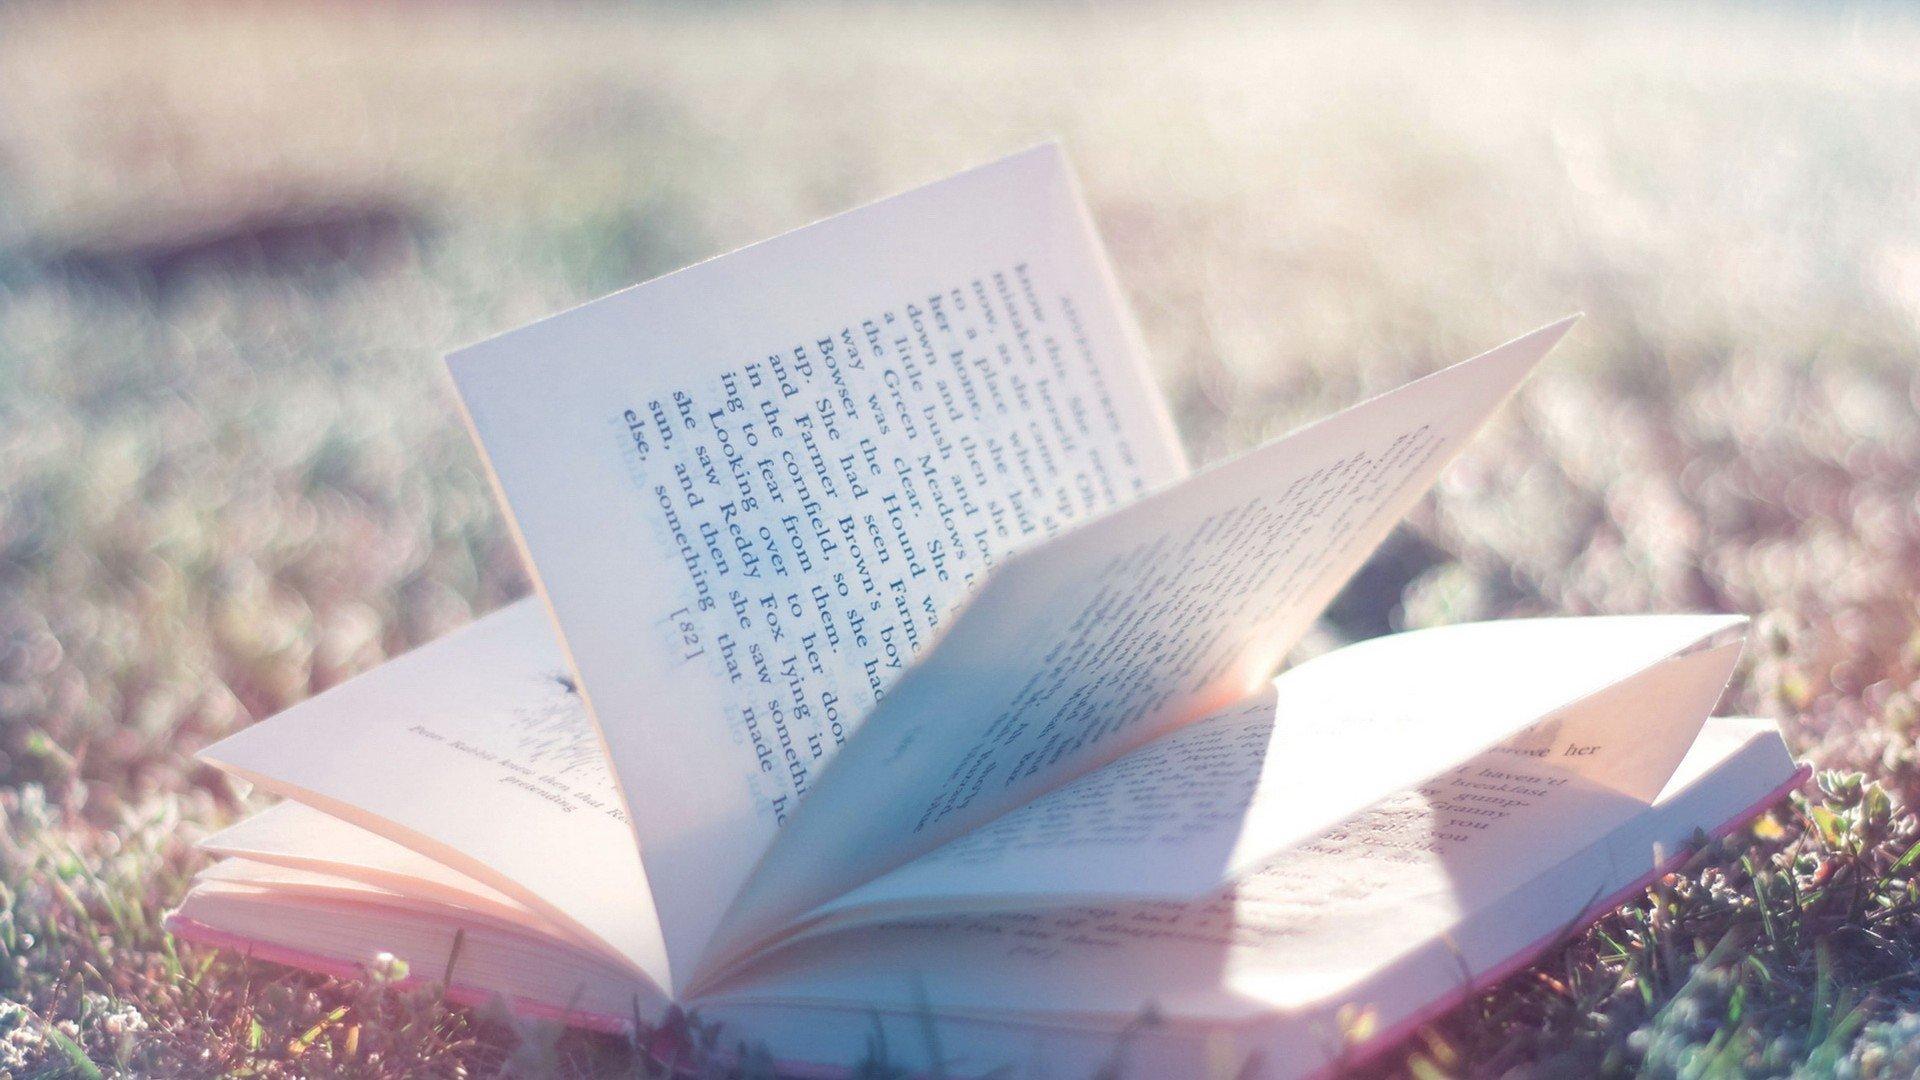 关于追梦的唯美句子澳门金沙在线娱乐官网说说:坚持心中的梦想